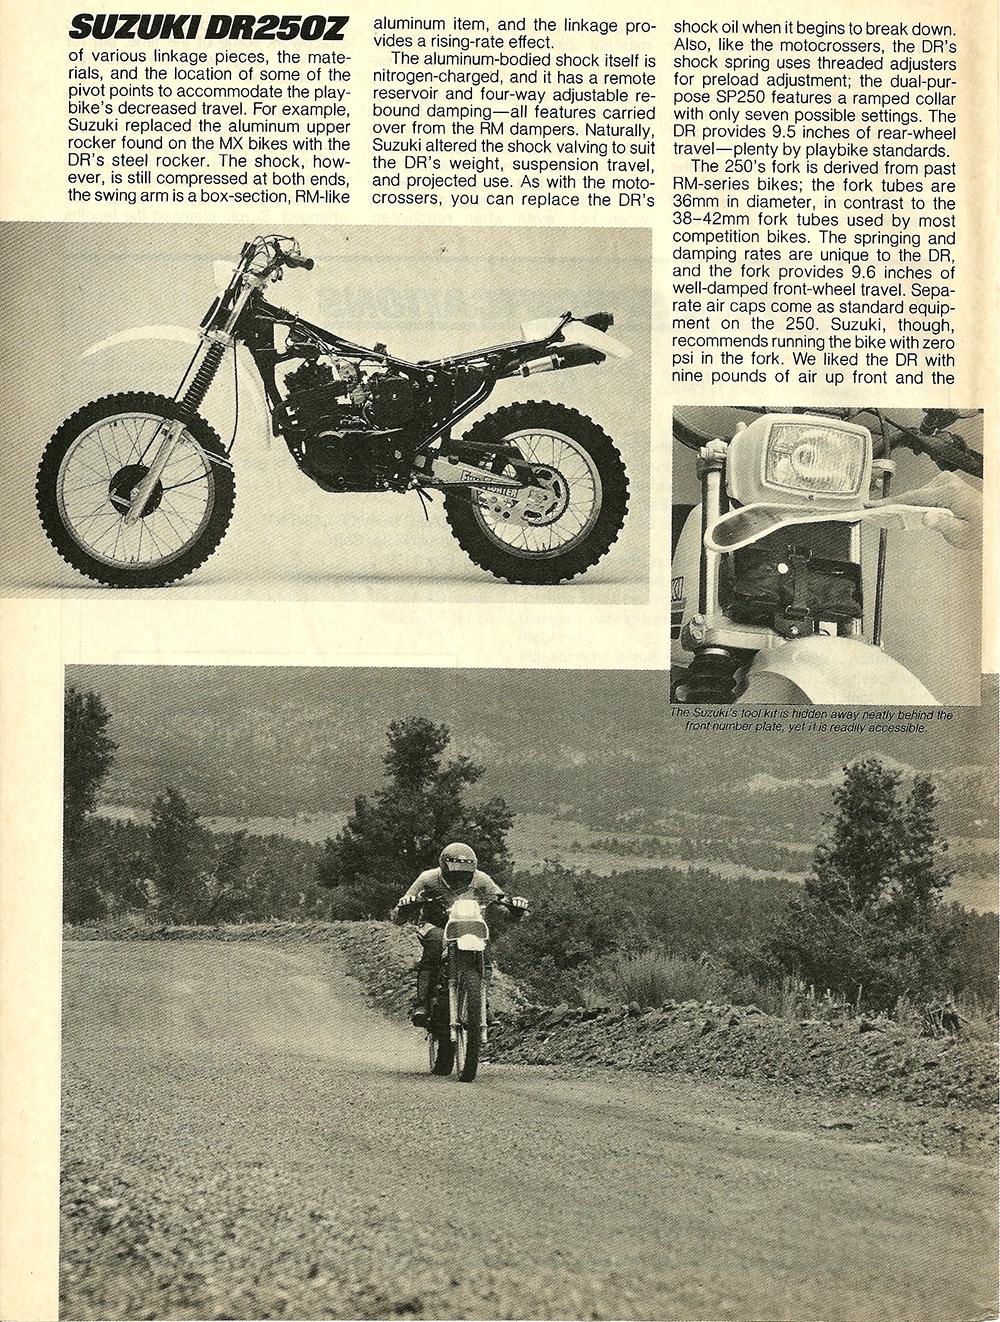 1982 Suzuki DR250Z road test 7.jpg